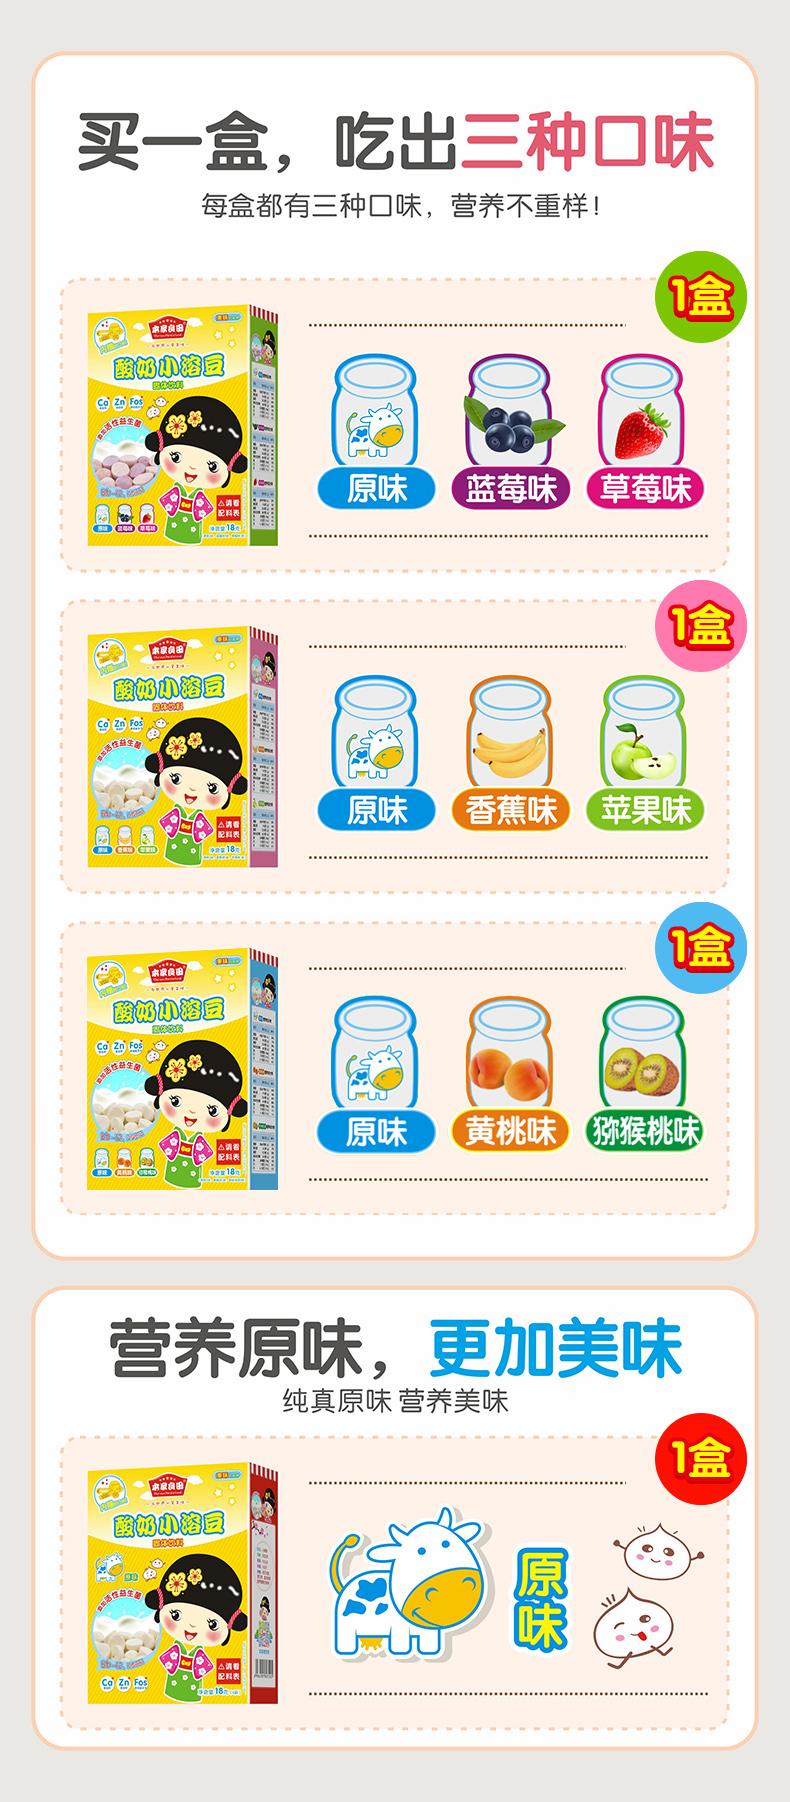 本家良田酸奶小溶豆盒宝宝小零食益生菌溶溶豆详细照片